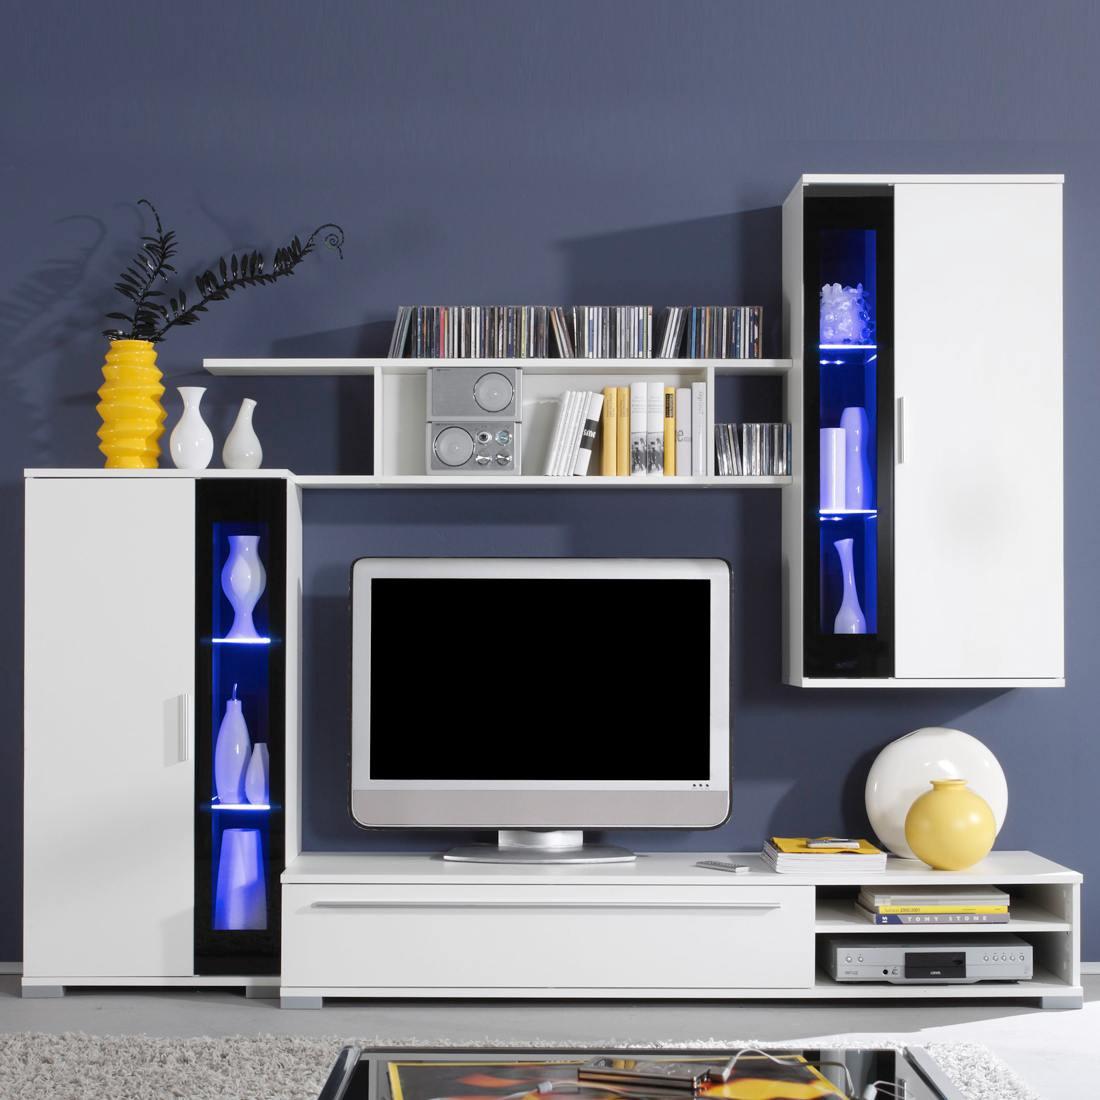 Easyfurn Tv Meubel.Products Woonboulevard Xl De Mooiste Woonwinkels Onder Een Dak